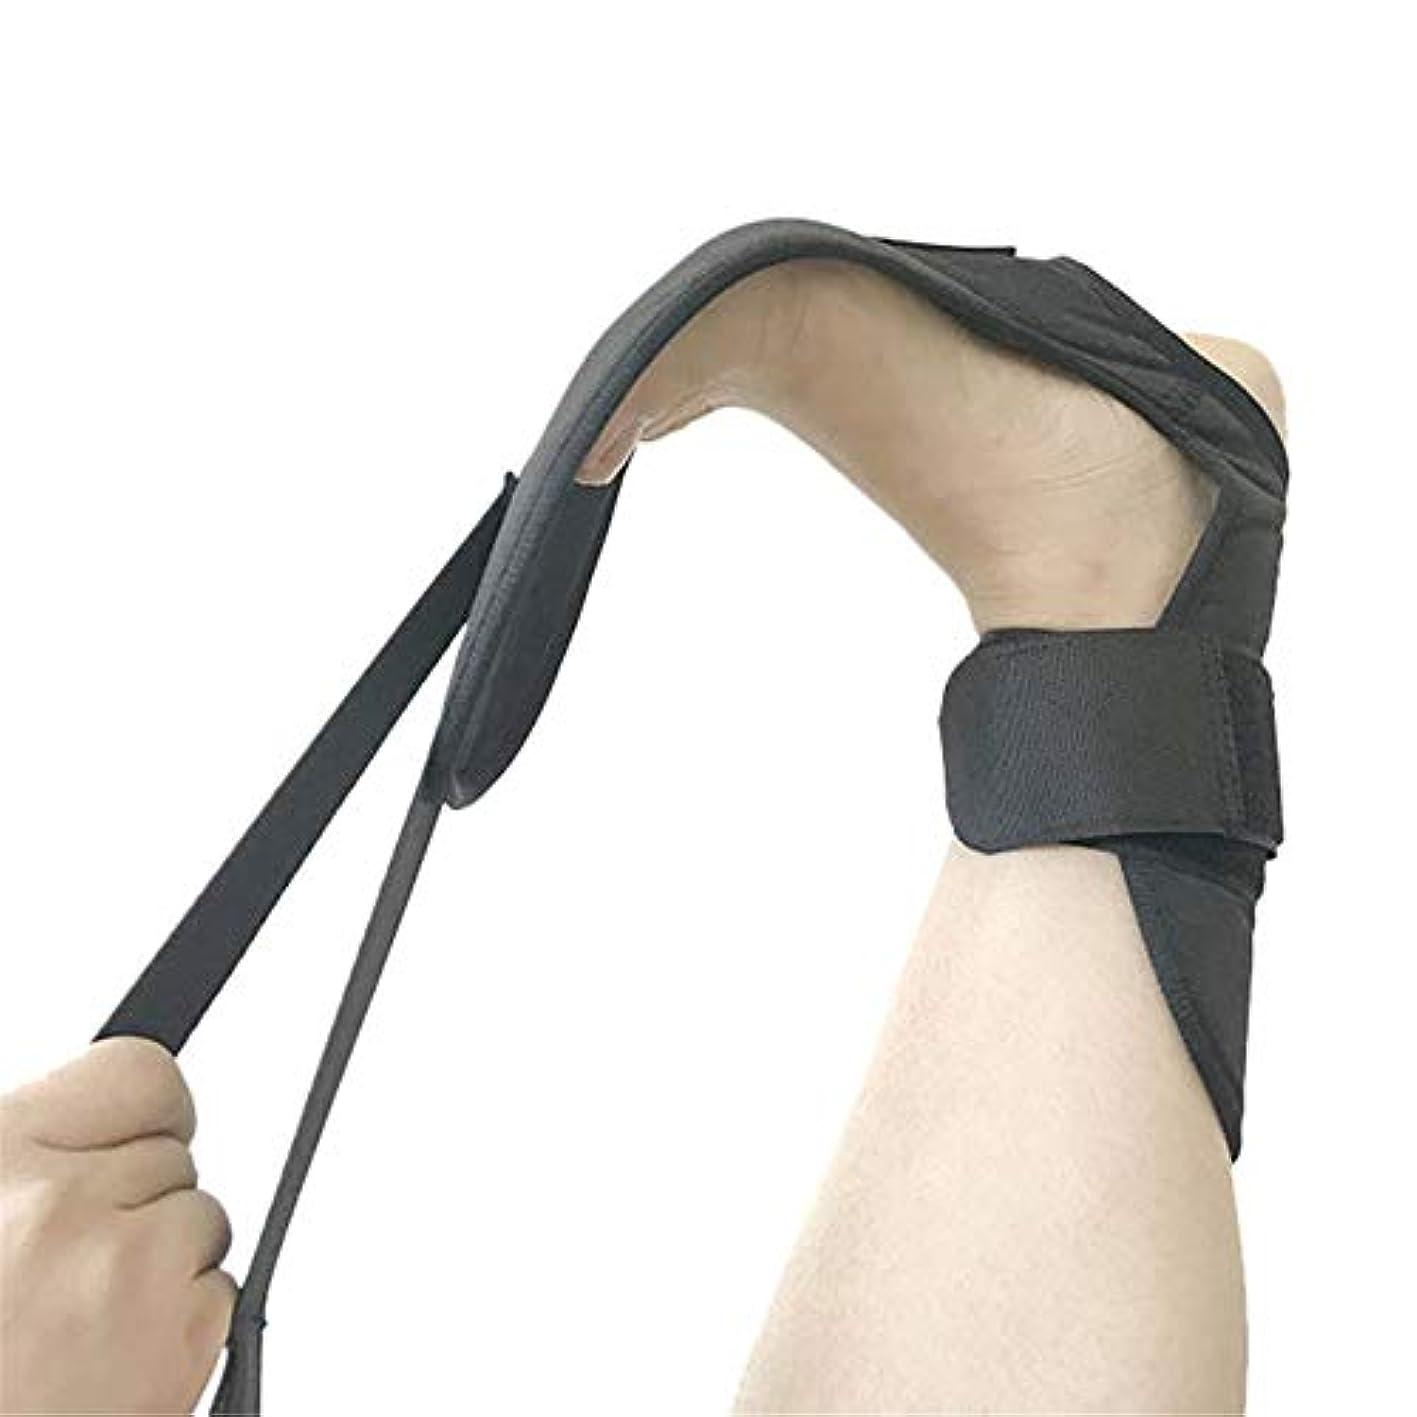 小道具ファイル上ヨガ靭帯、ストレッチベルト、足リハビリストラップ足底筋膜炎脚トレーニング足足首関節矯正ブレース